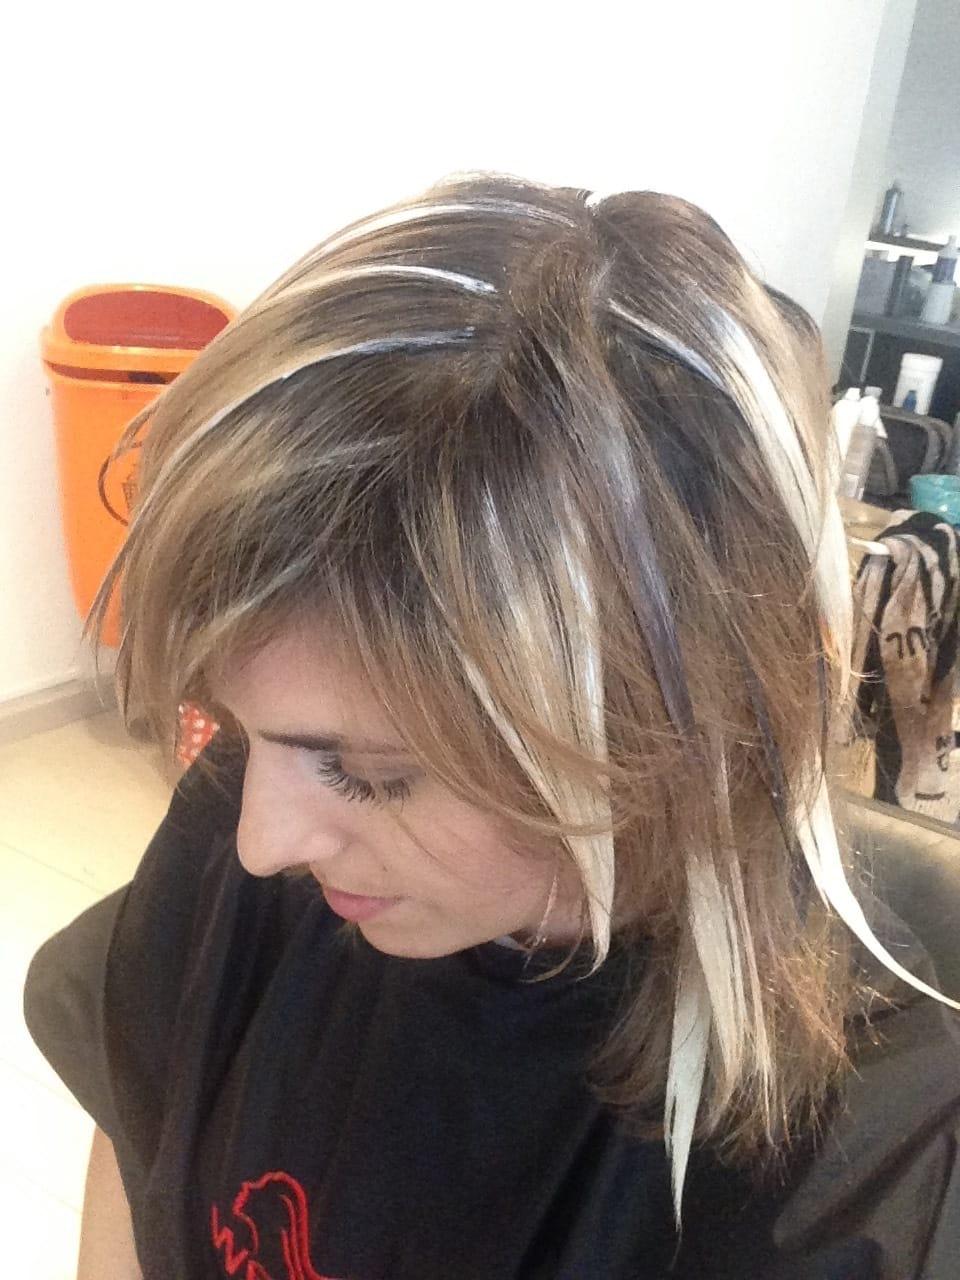 Dunklen bilder mit blond strähnen chlorefinpy: Viele